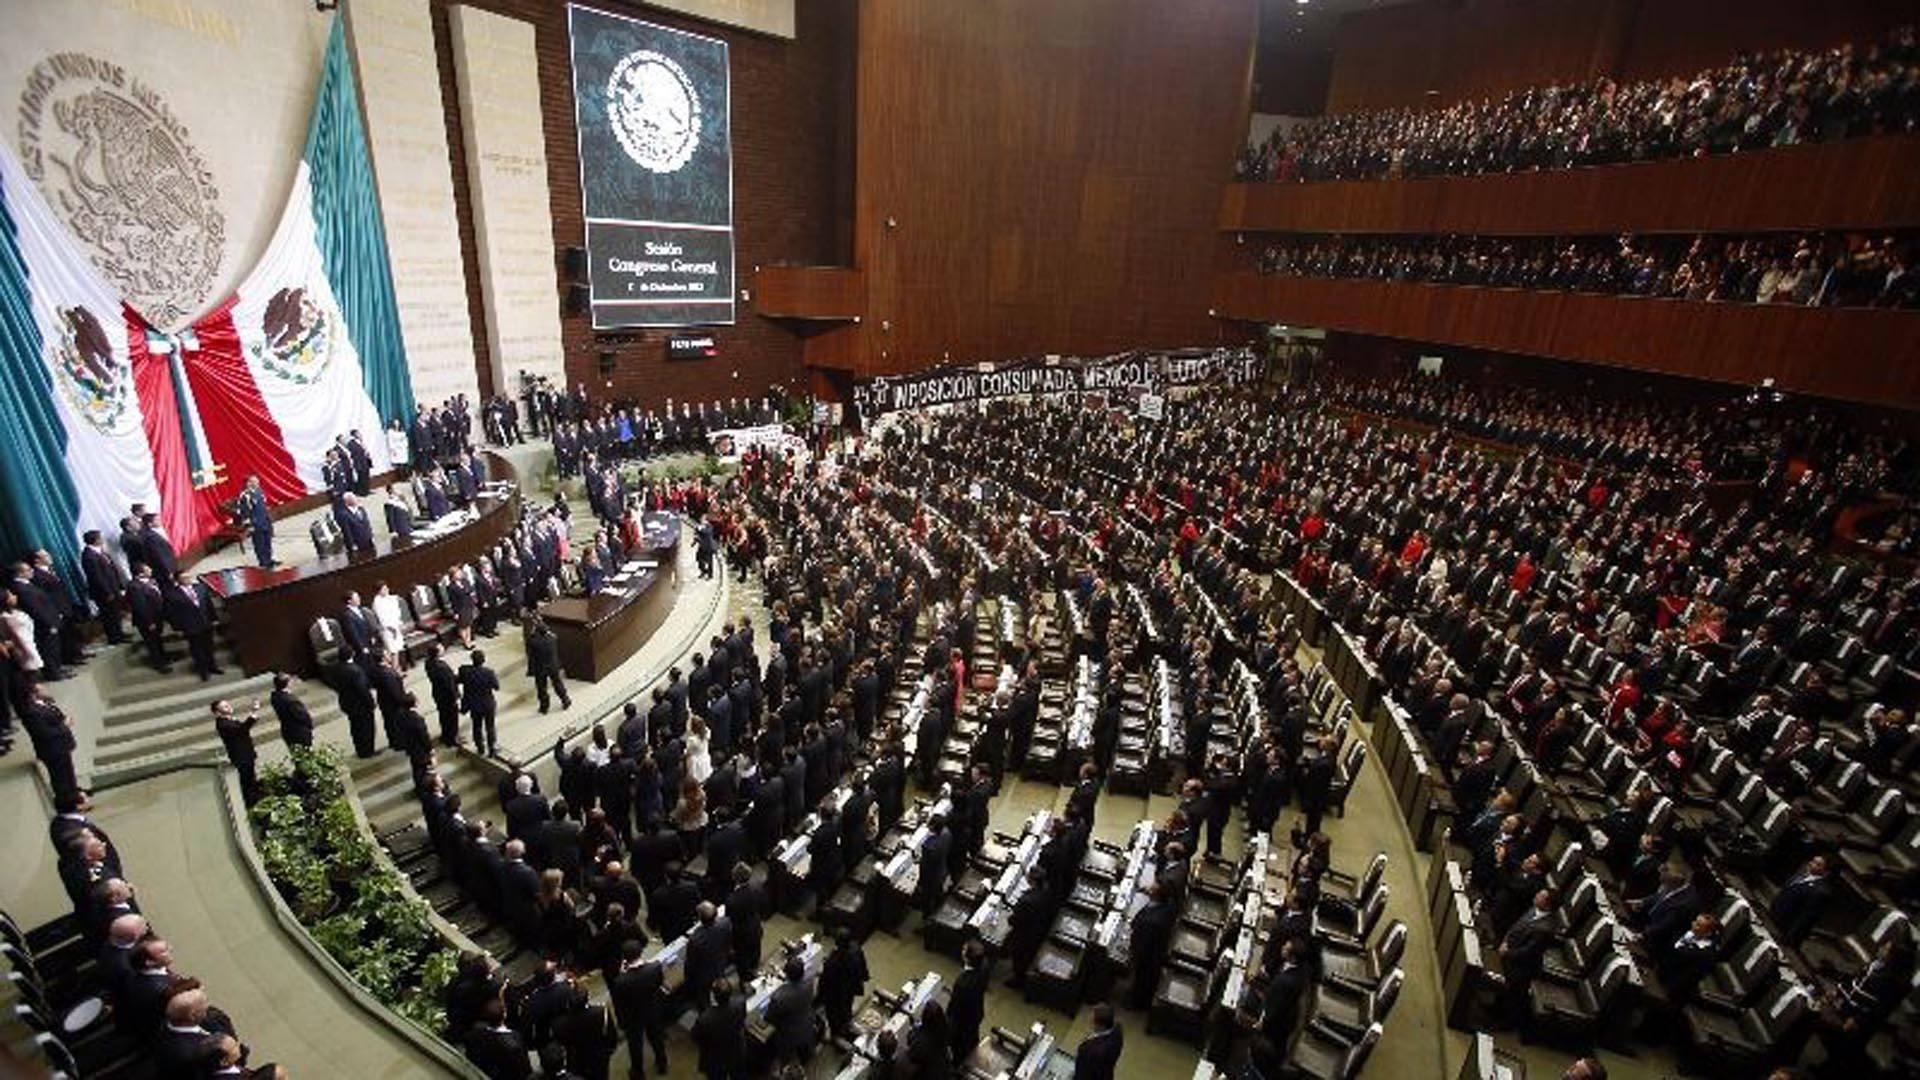 El Congreso de la Unión bloqueo la propuesta